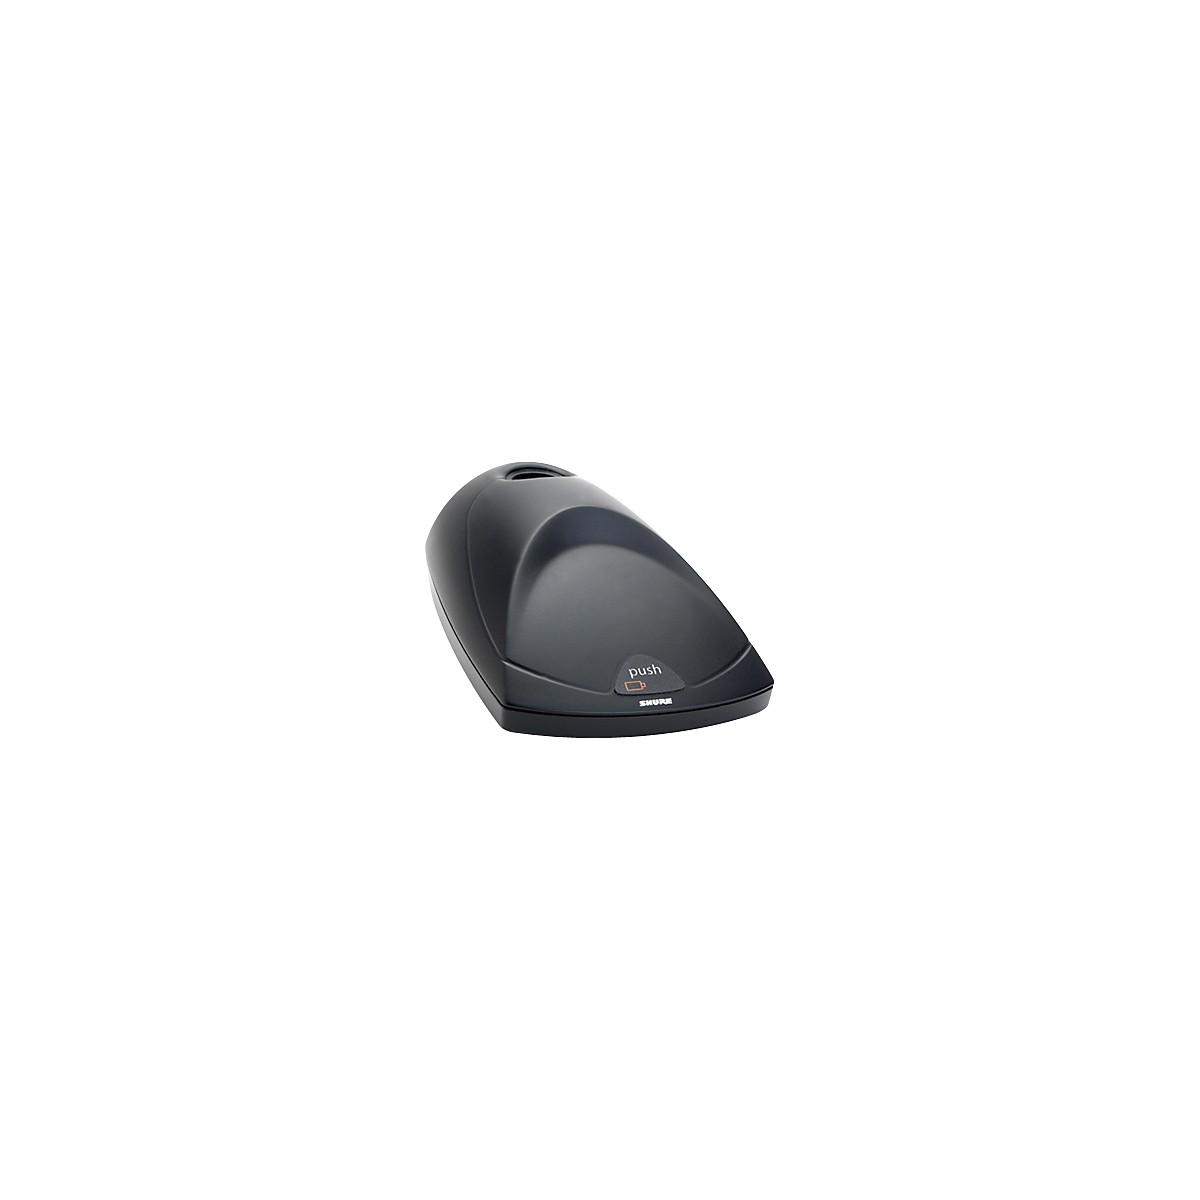 Shure MX400DP Microflex Desktop Mic Base